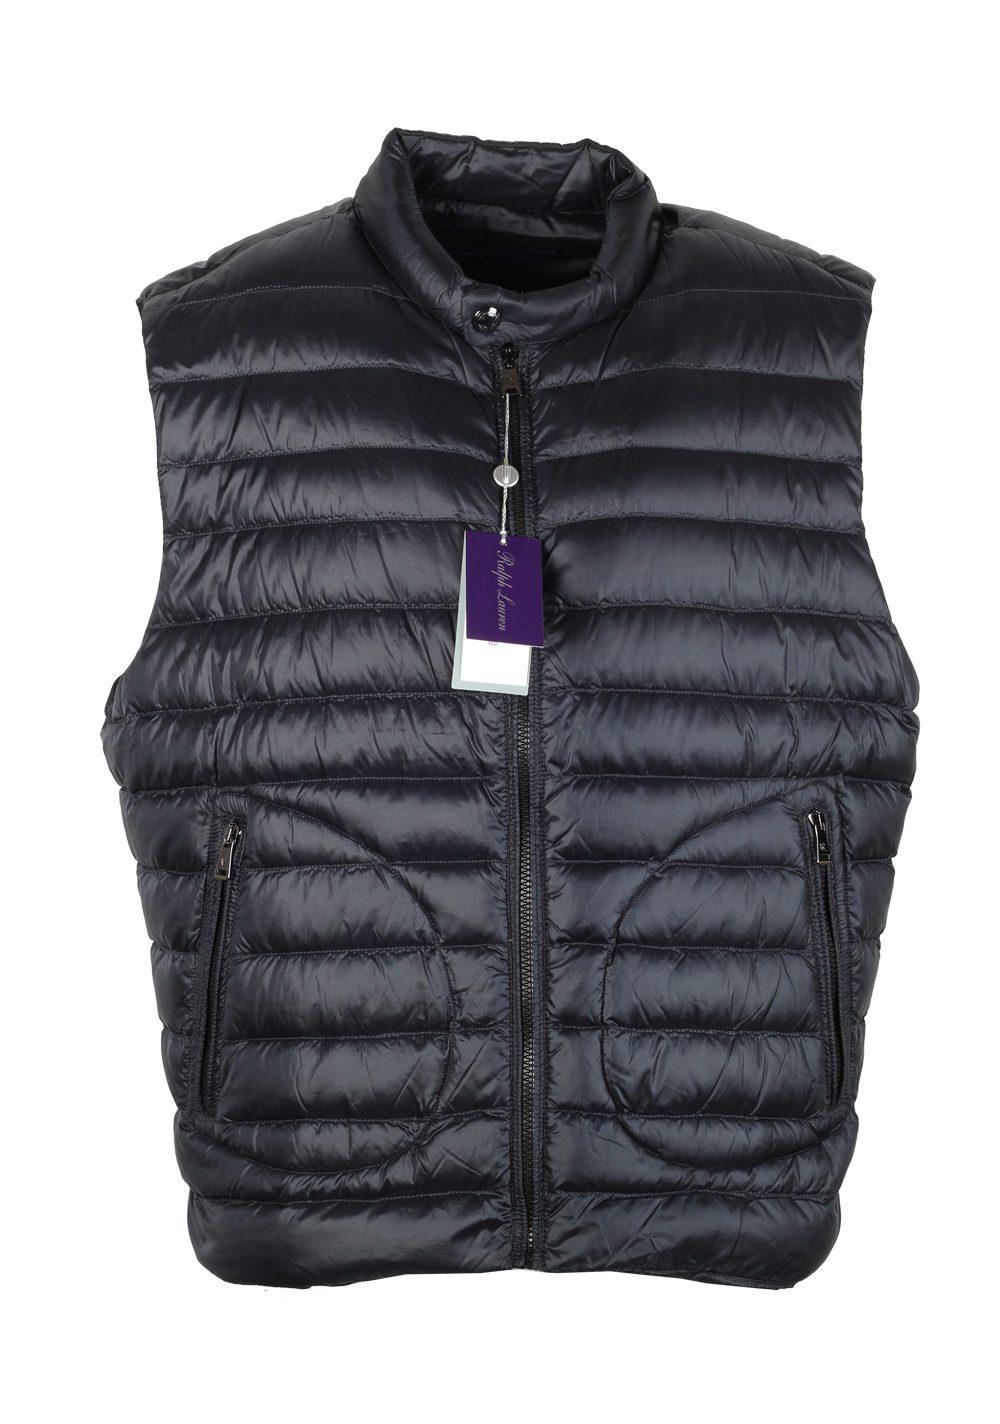 Ralph Lauren Purple Label Black Gilet Vest Size XXL / 58 / 48 U.S. | Costume Limité